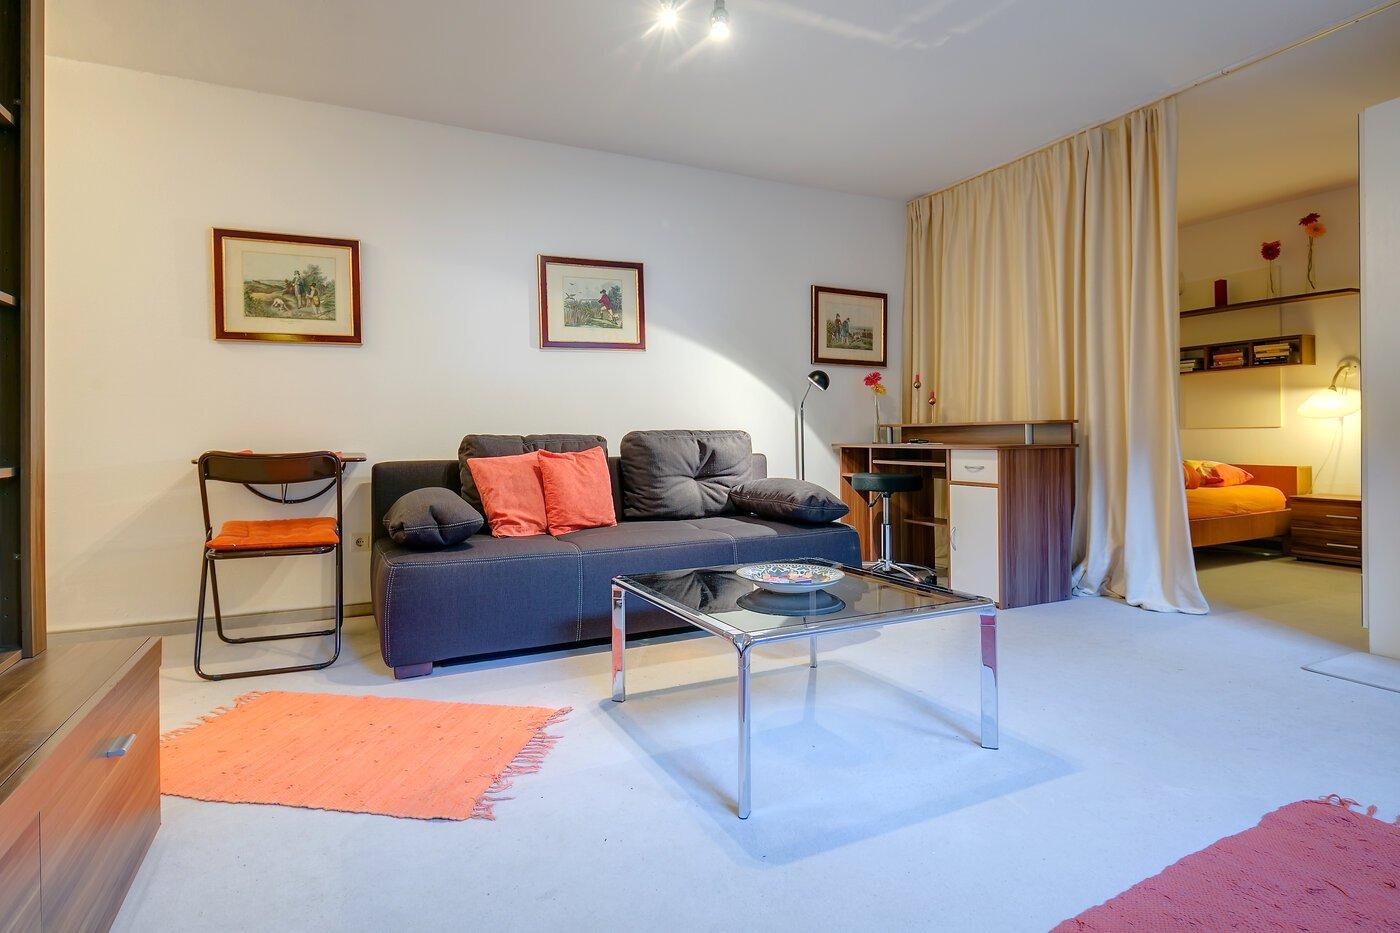 1 5 camere appartamento seminterrato ammobiliato flat for Appartamento di efficienza seminterrato